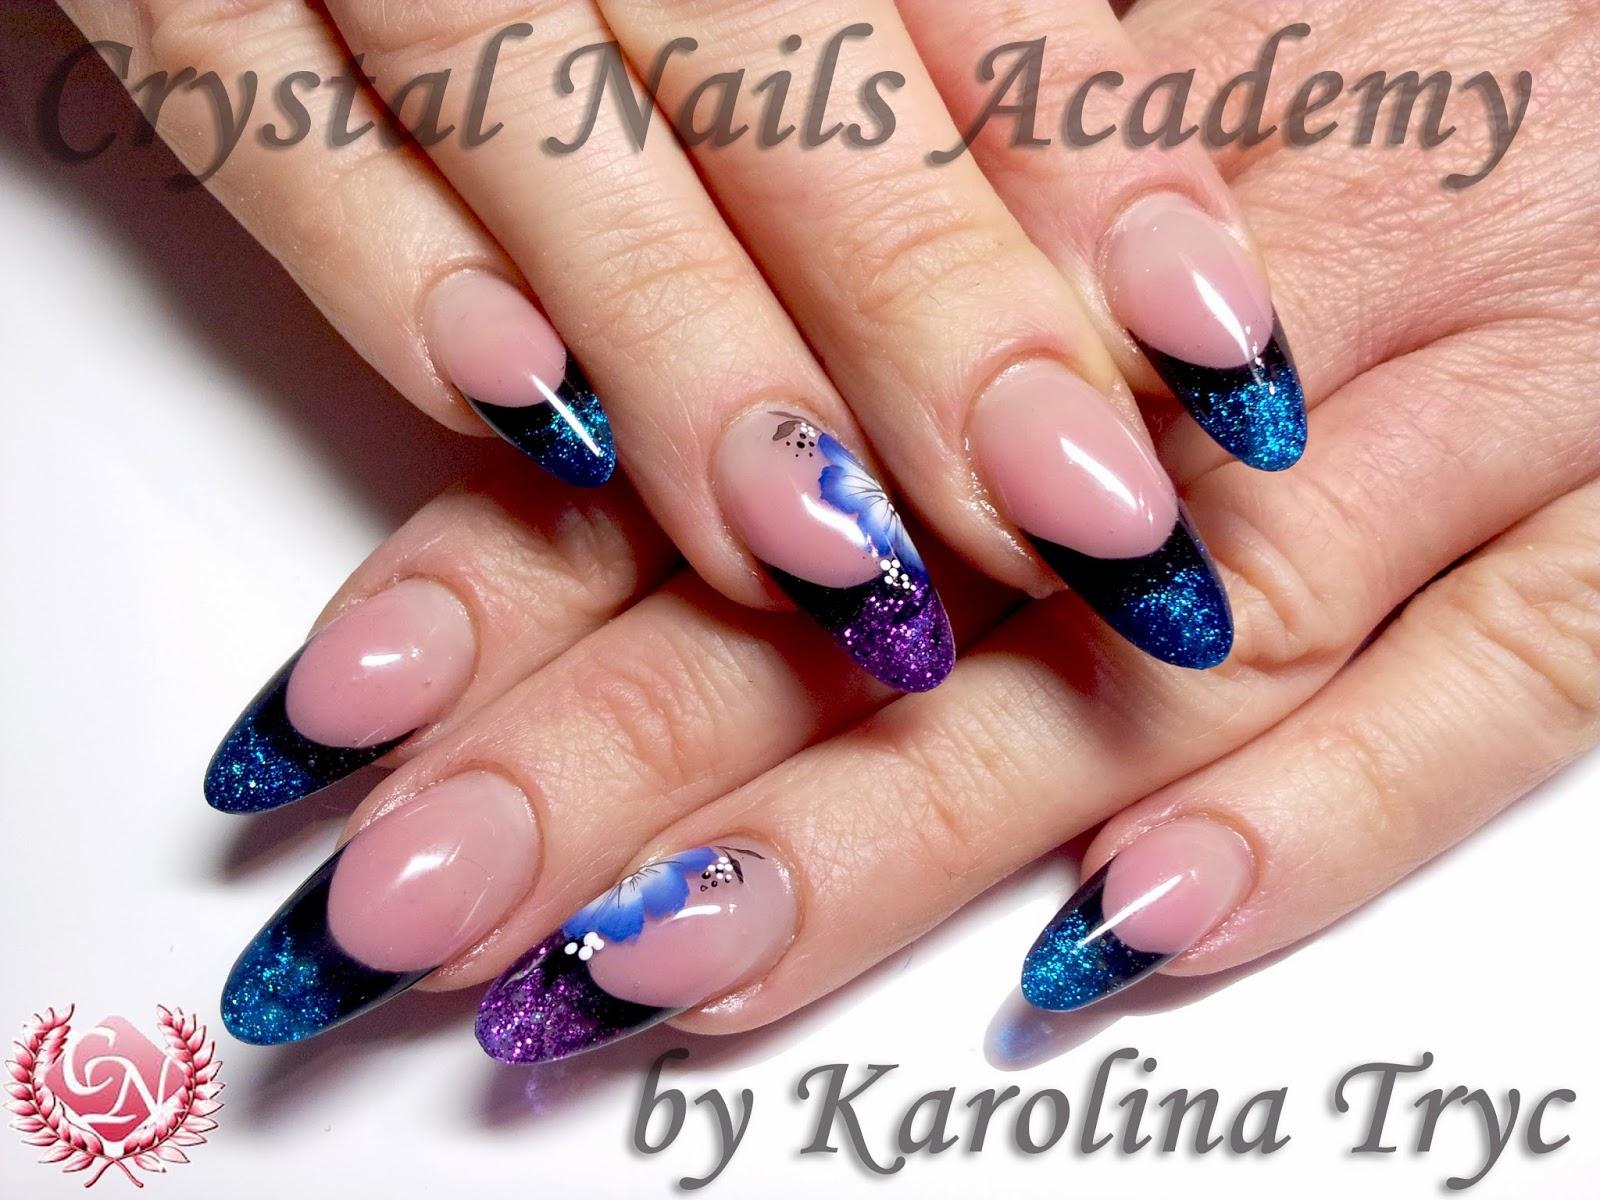 Crystal nails gel - Expression Nails